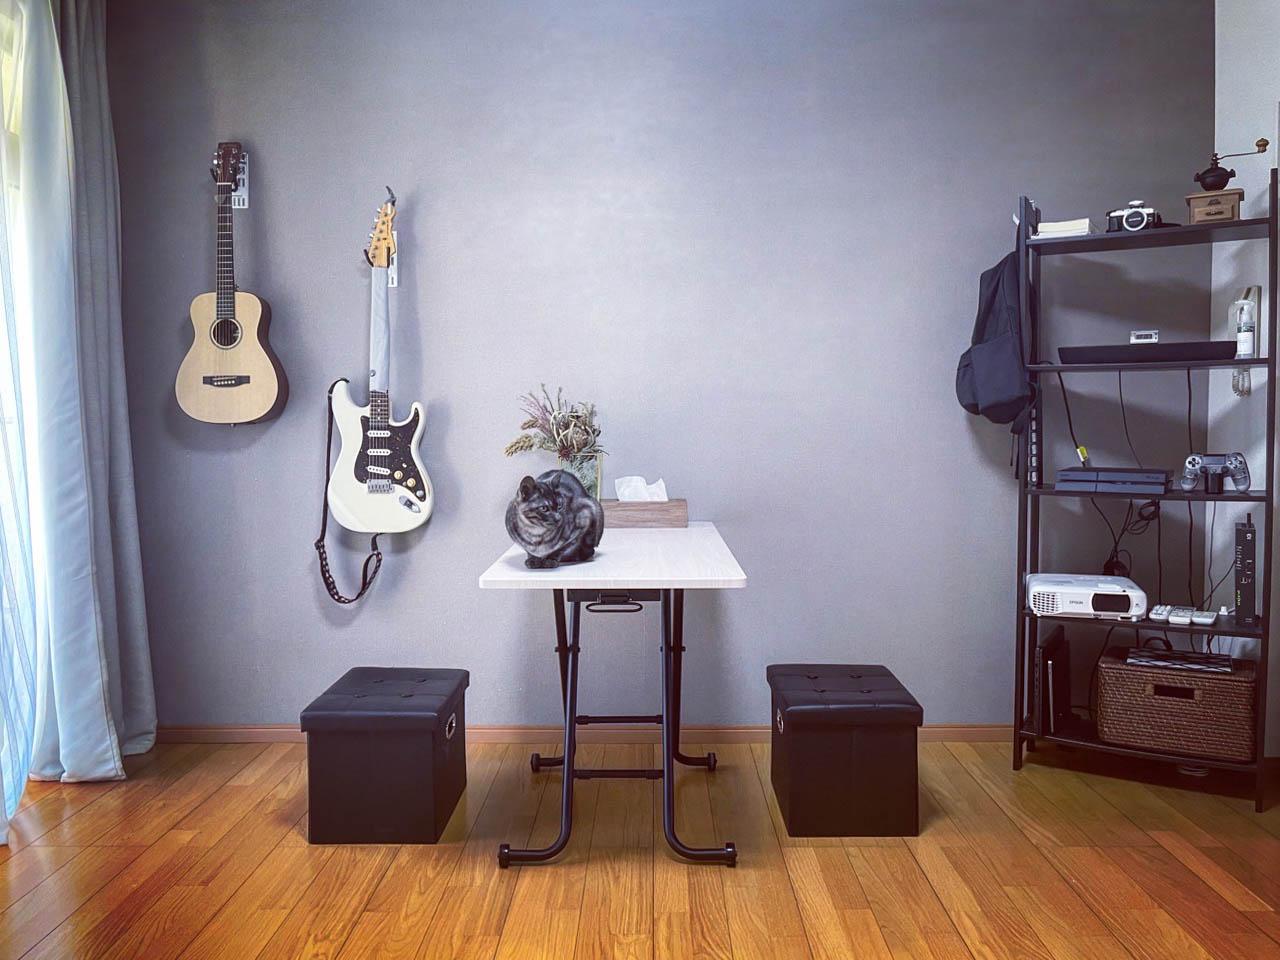 まとめ:賃貸で壁掛けギタースタンドを実現したい方におすすめ!